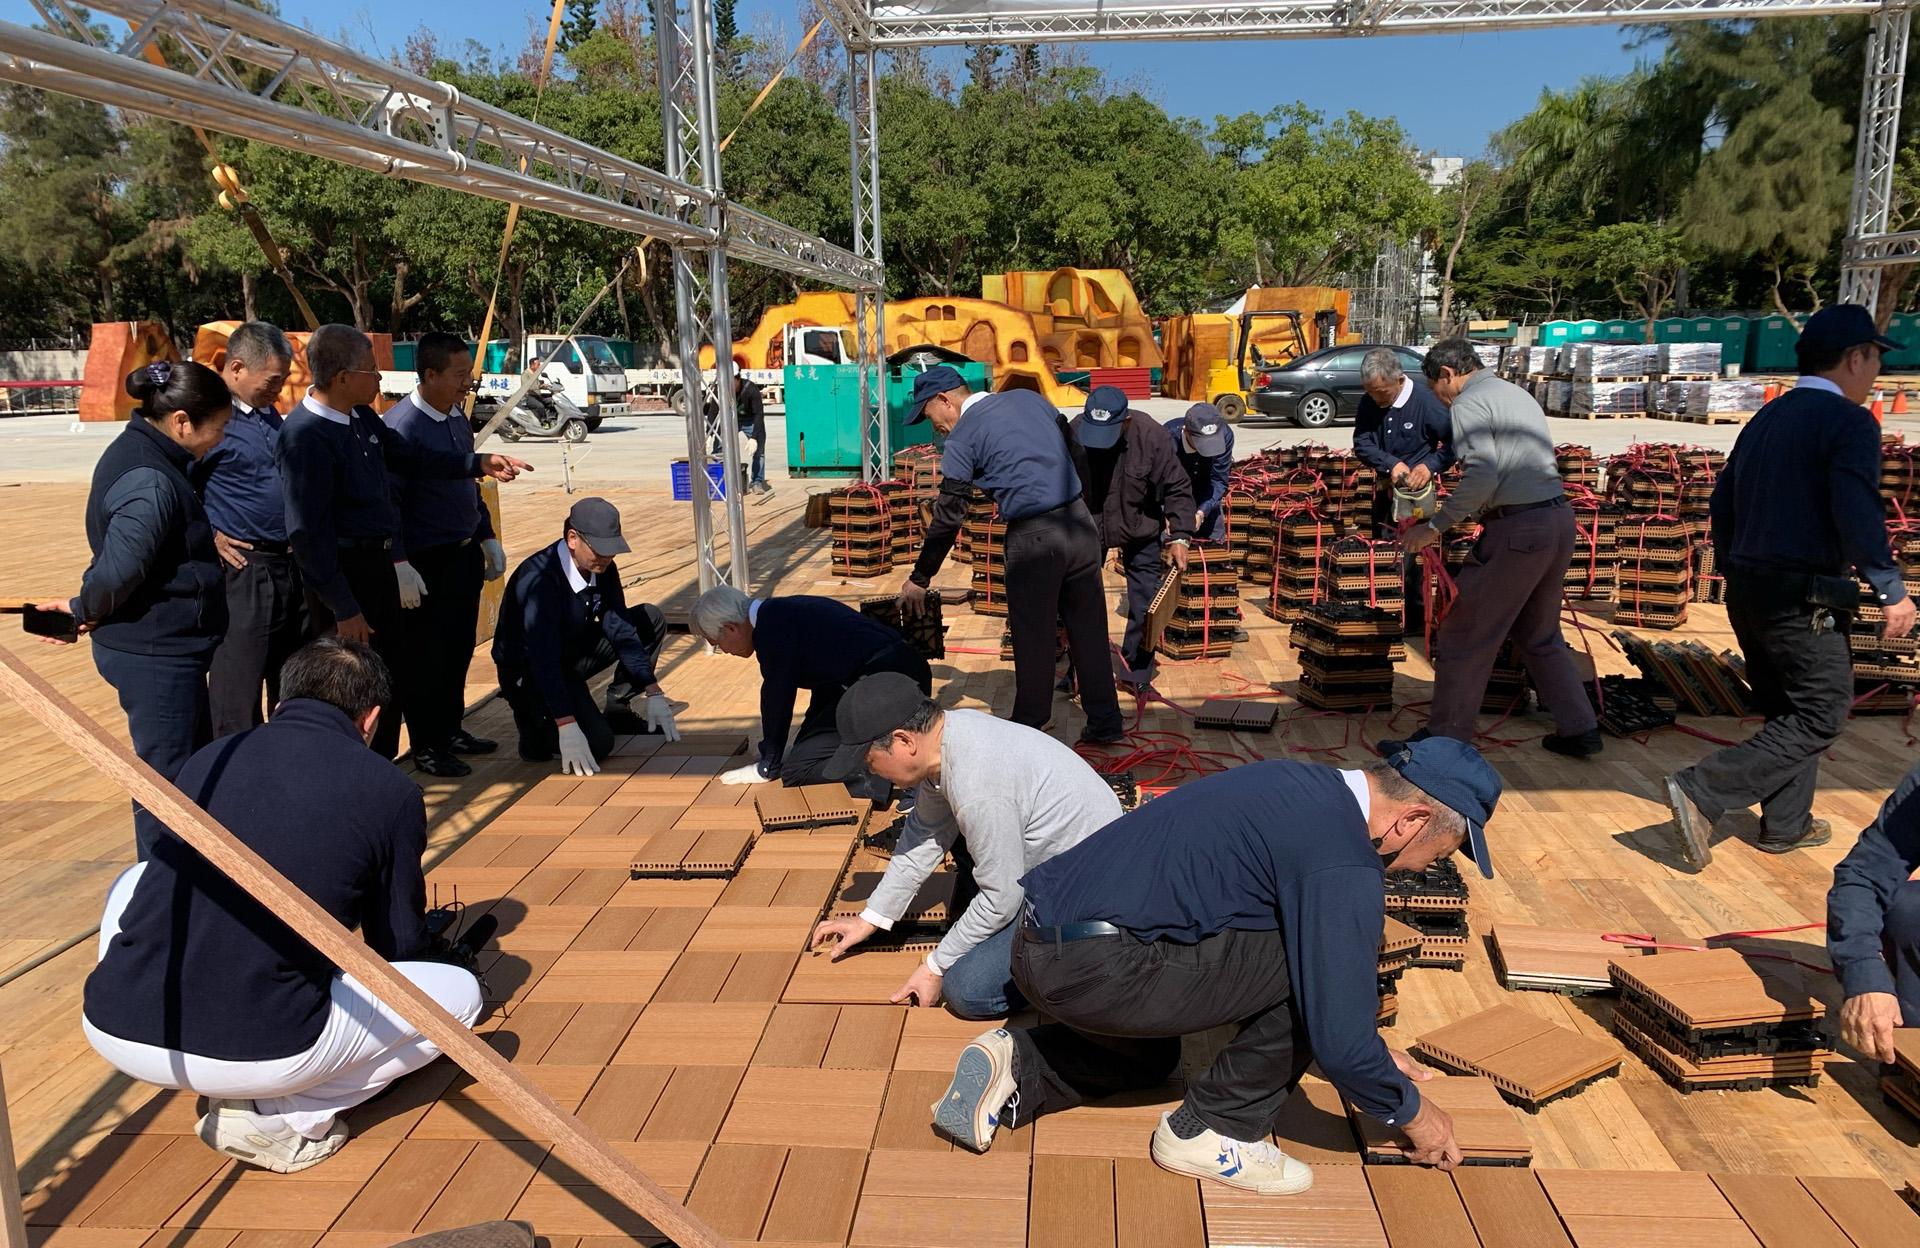 慈濟基金會應臺中市政府之邀,在后里森林園區「A11好神宗教燈區」設置展位。展區地板用廢棄紡織品製成的環保塑木鋪設,讓資源循環利用。